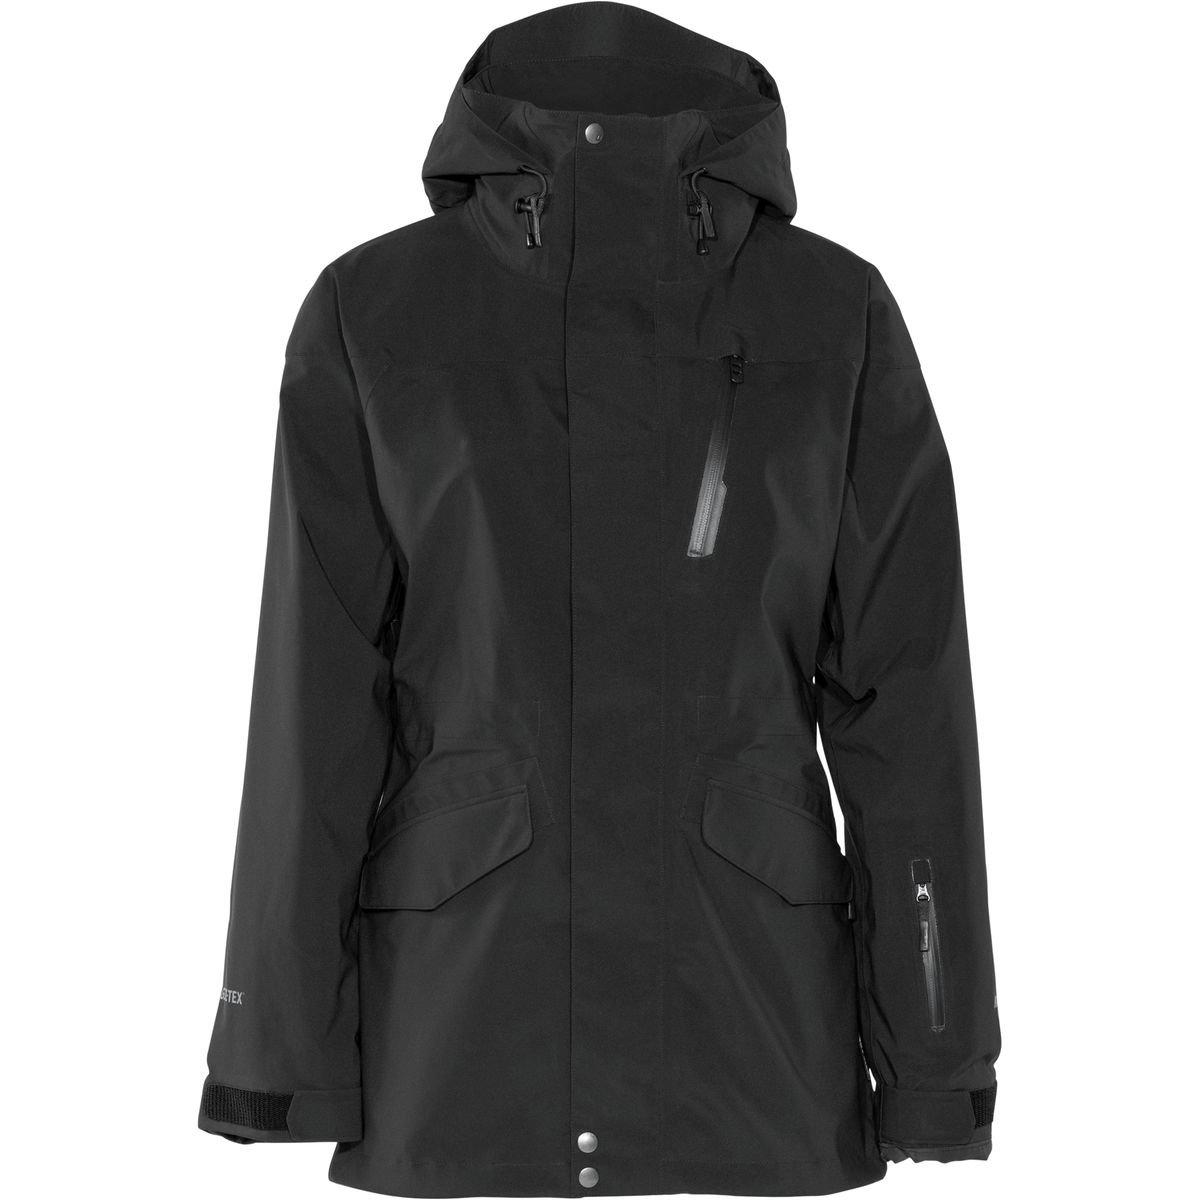 Damen Snowboard Jacke Armada Smoked GORE-TEX Jacket günstig online kaufen